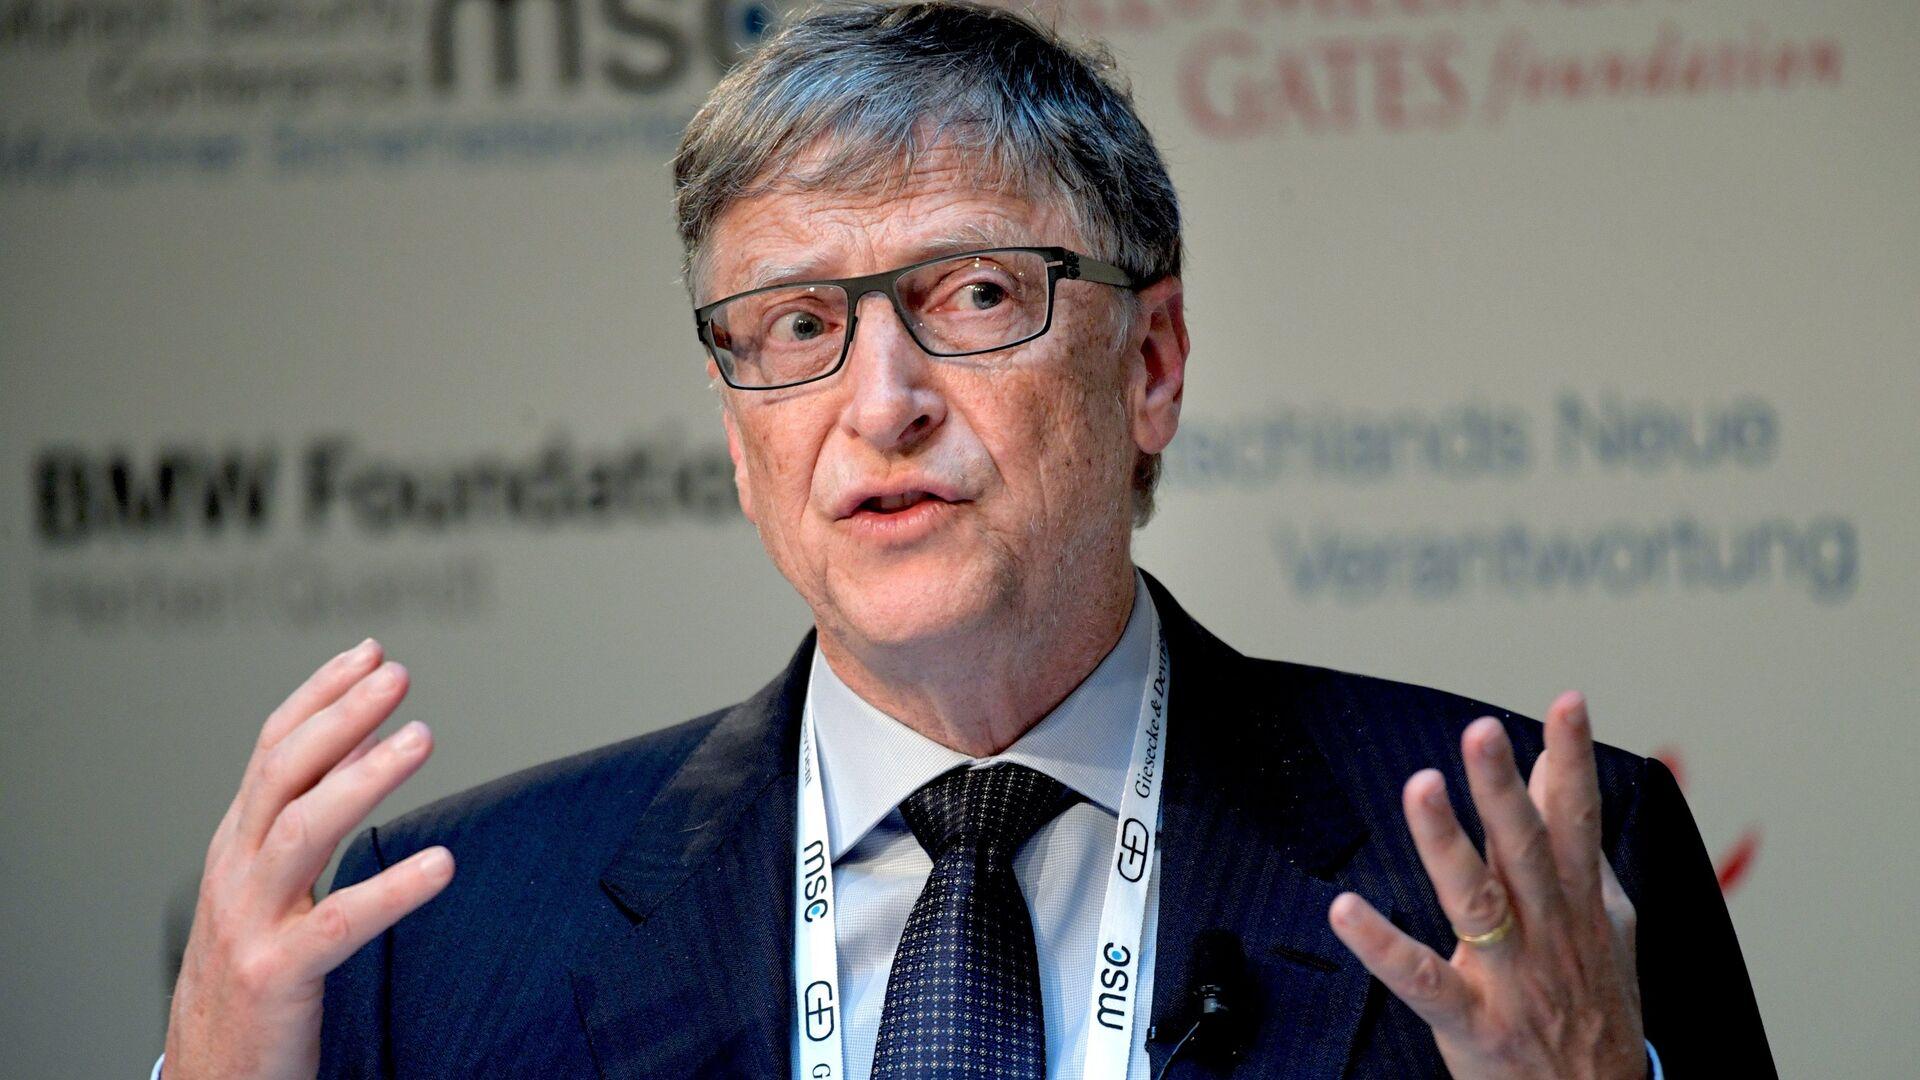 Бывший генеральный директор Microsoft Билл Гейтс на 53-й Мюнхенской конференции по безопасности - РИА Новости, 1920, 21.11.2020